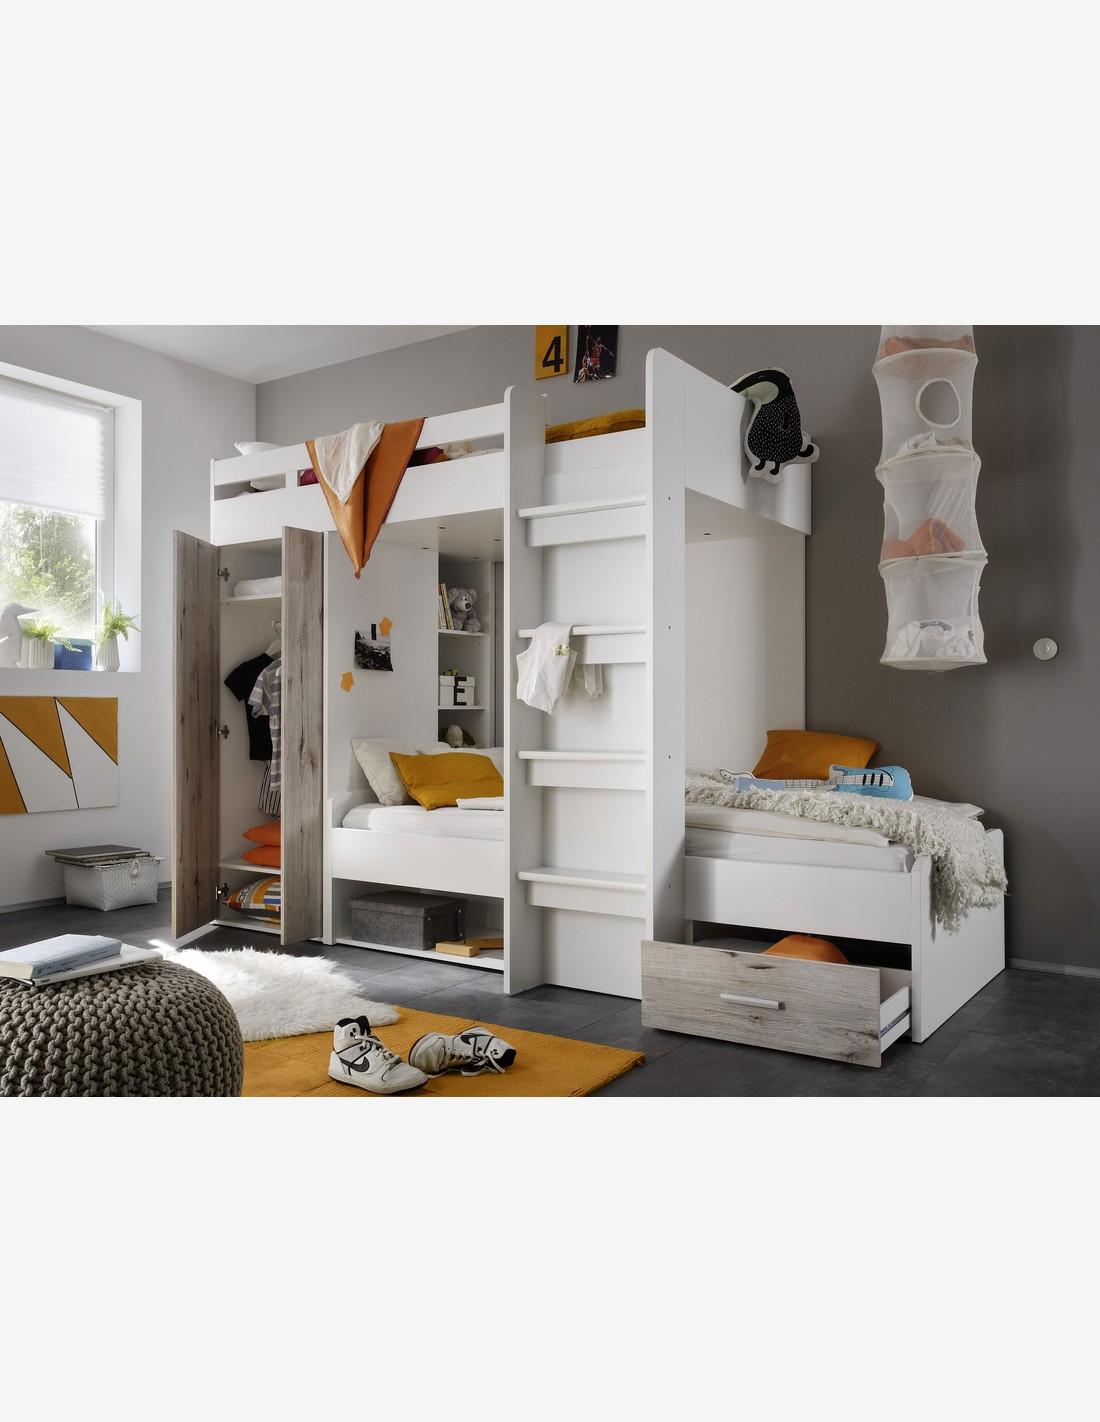 Hochbett wei und sandeiche dekor for Jugendzimmer jungen mit hochbett